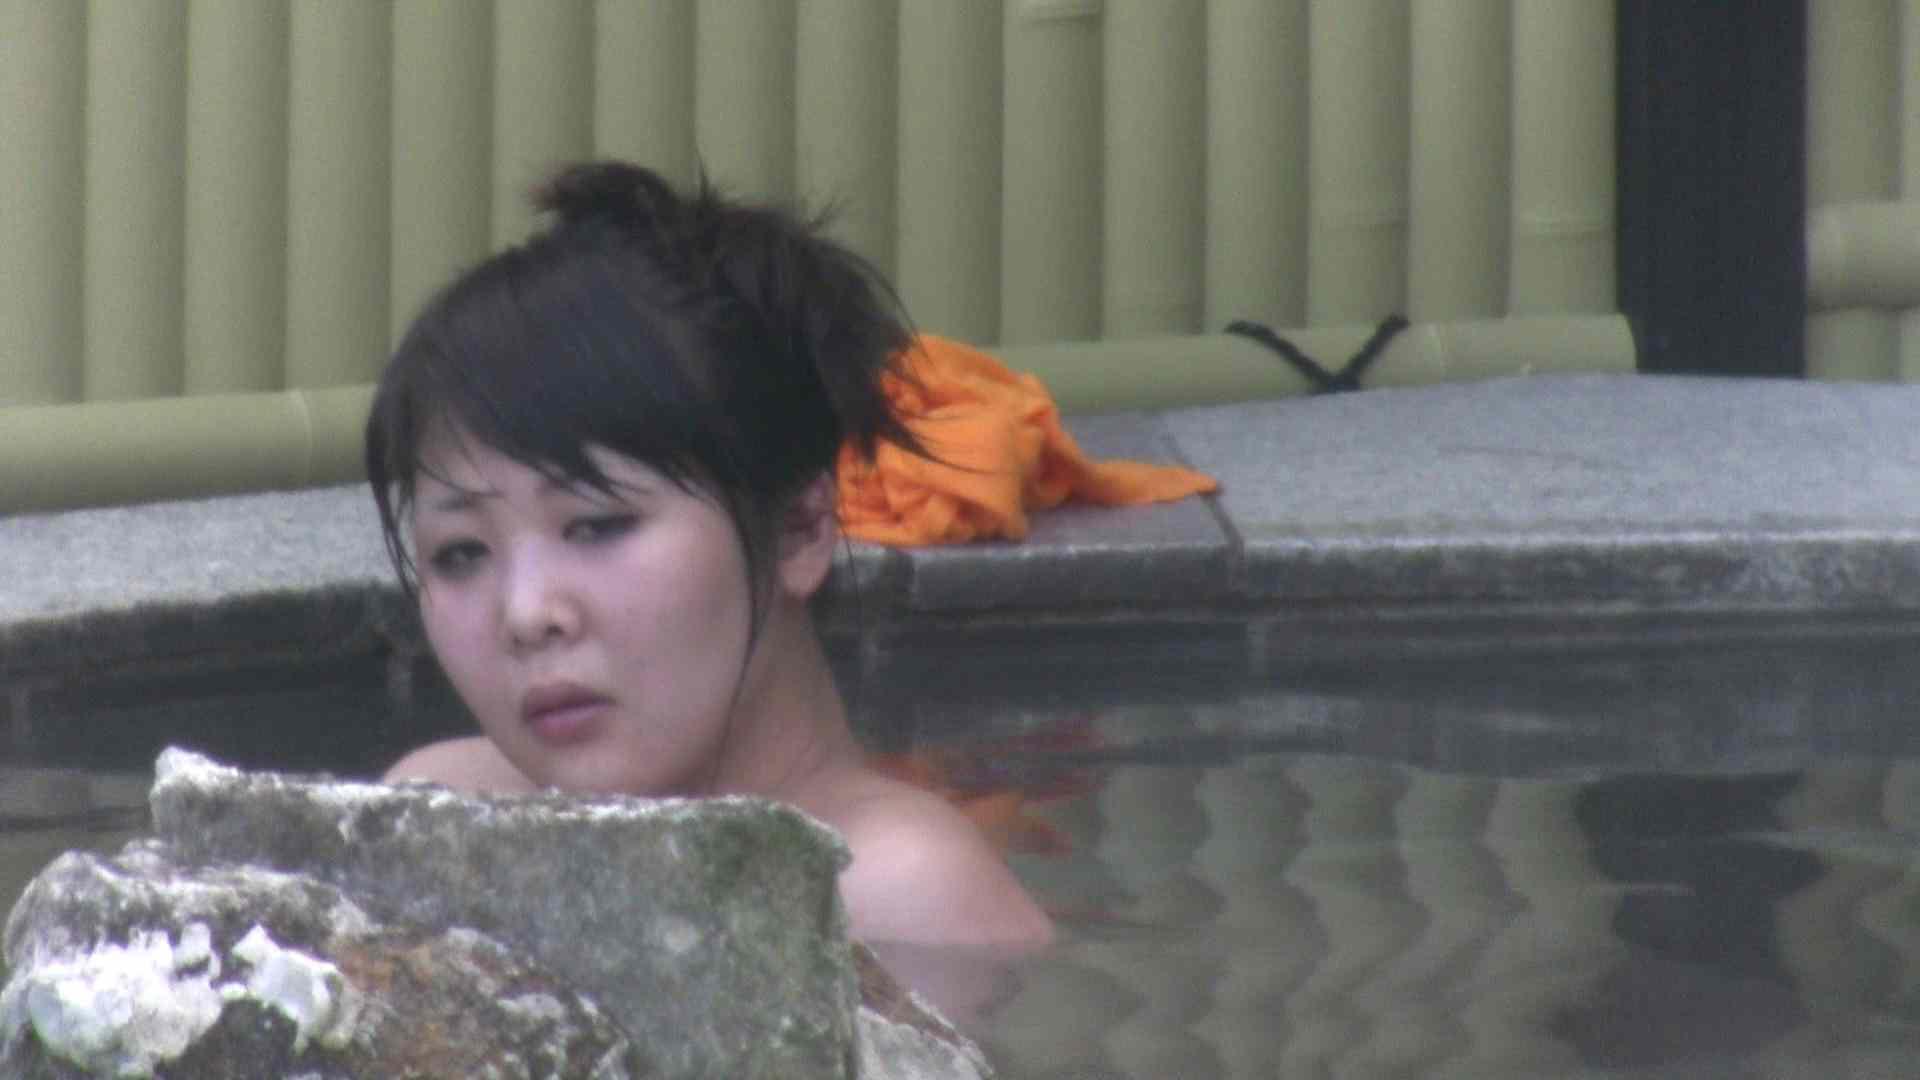 Aquaな露天風呂Vol.118 いやらしいOL おまんこ無修正動画無料 85連発 58